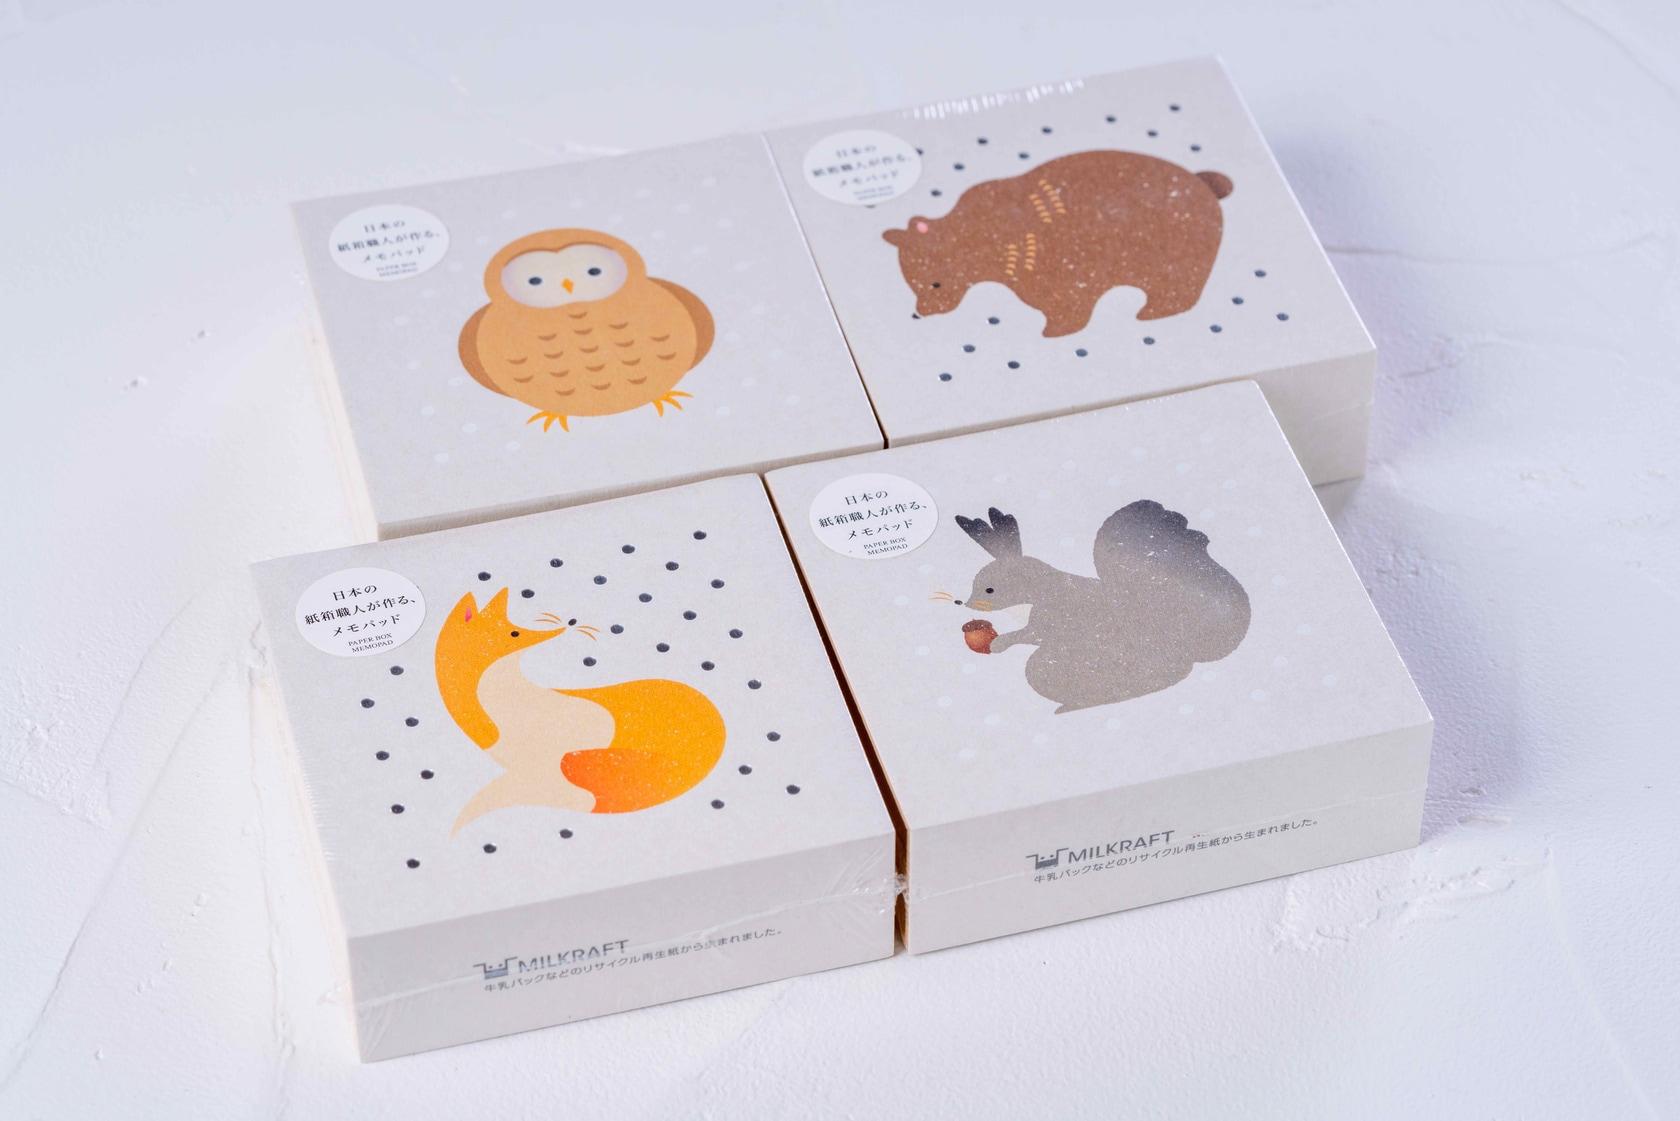 通販・お取り寄せ紙箱のメモパッド,北海道の動物が描かれたモリタ株式会社オリジナルのメモセット